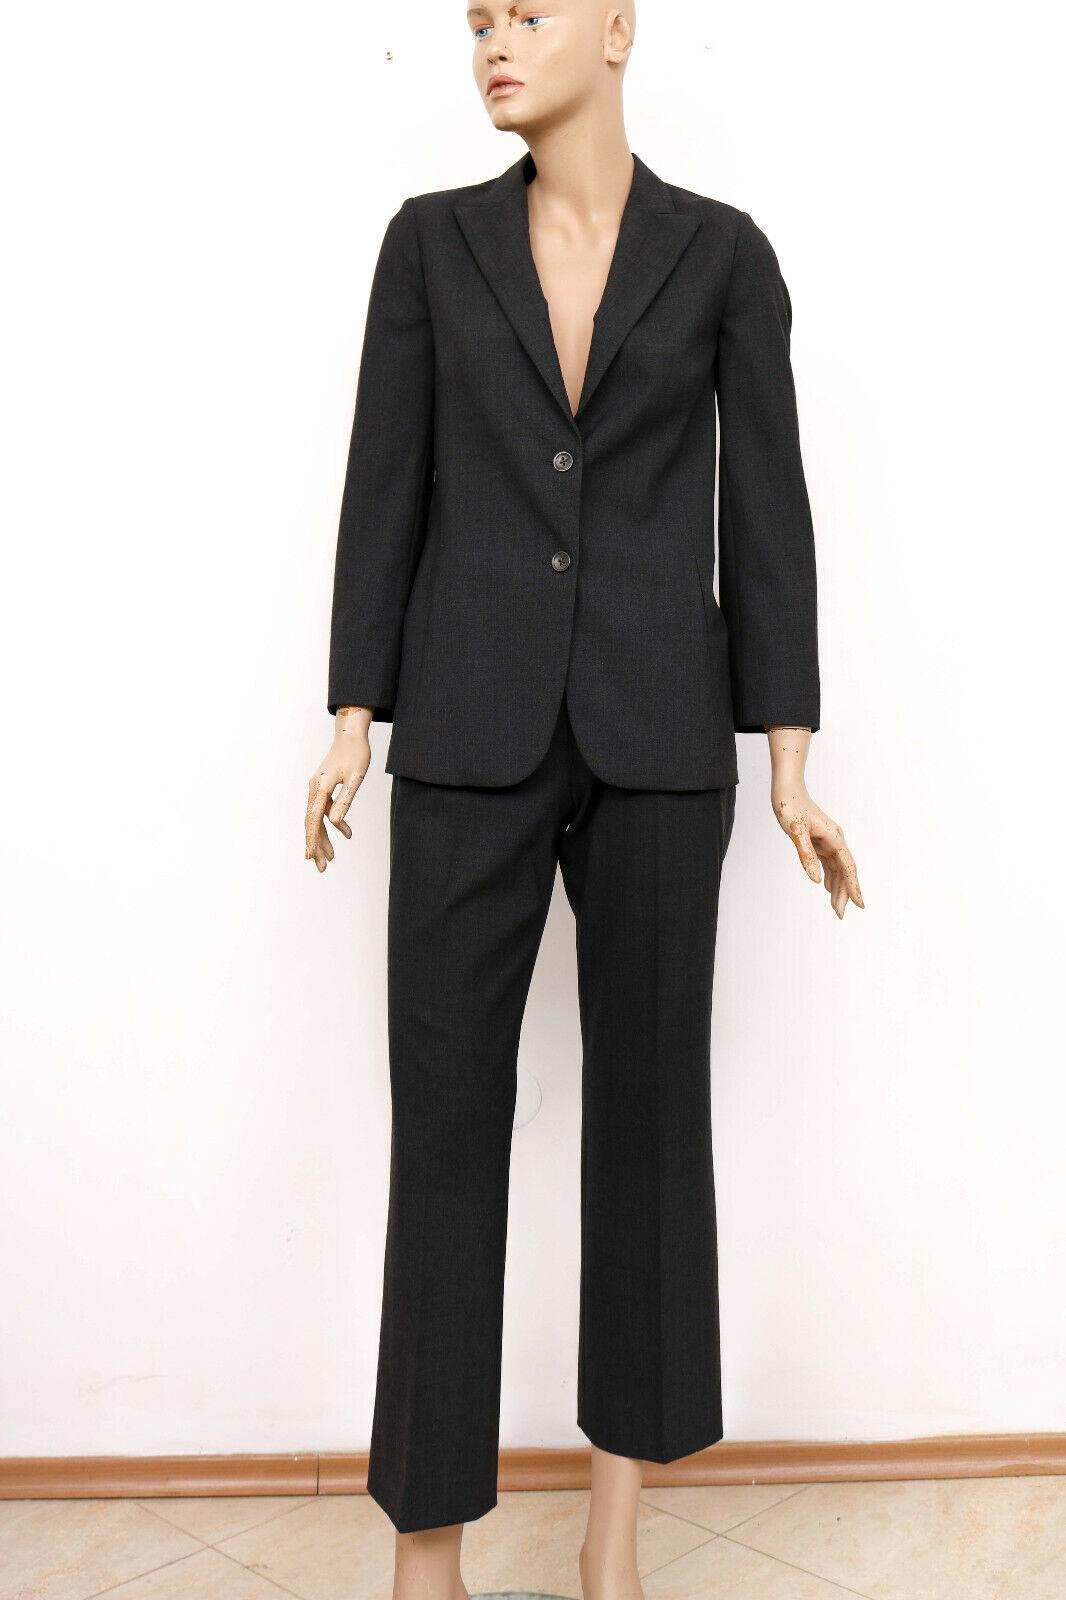 Damen Kostüm JIL SANDER Grau Schurwolle zweiteiliger Anzug Gr. 36 Jacke + Hose